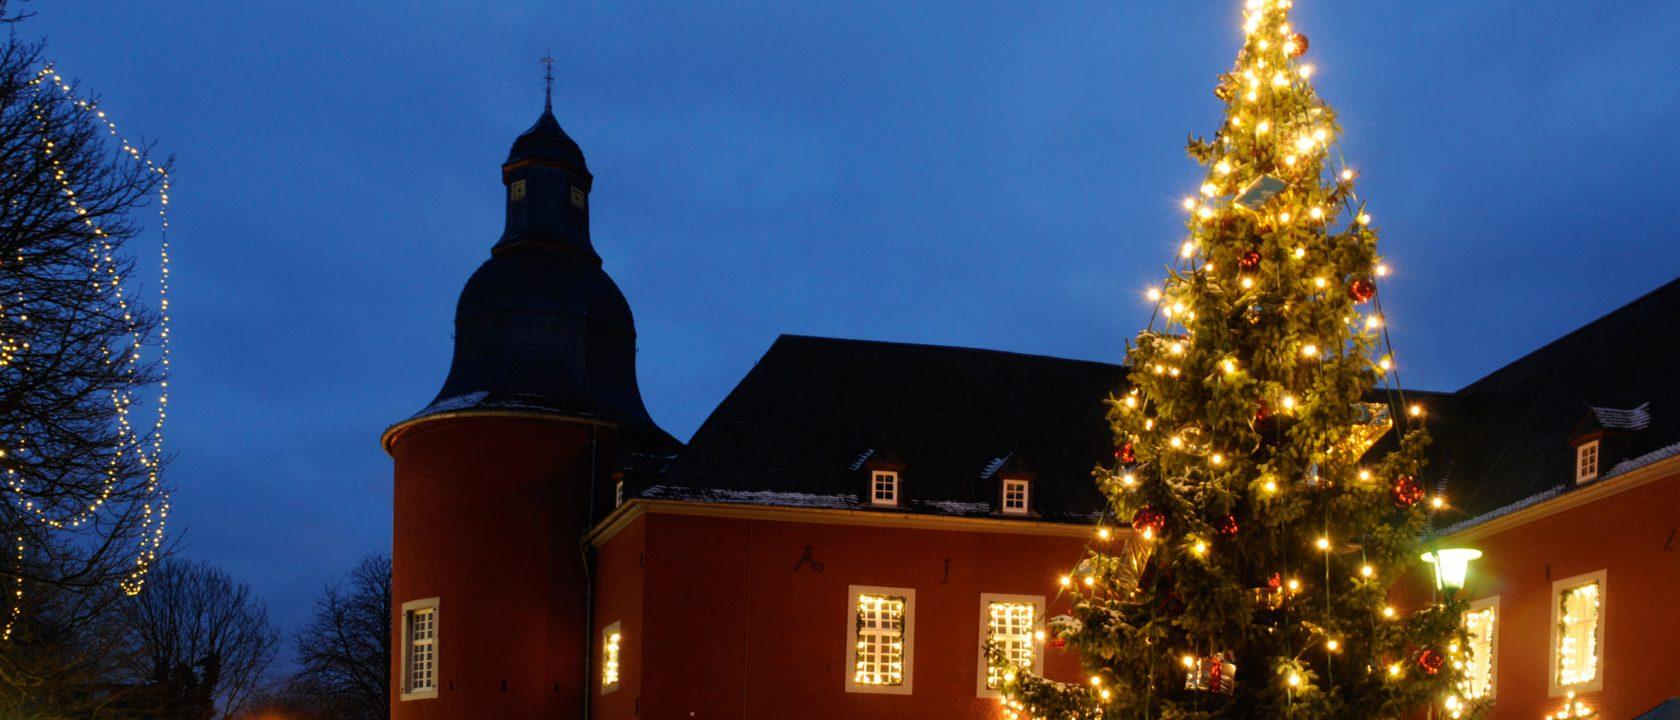 Aussteller Weihnachtsmarkt.Aussteller Weihnachtsmarkt Alsdorf